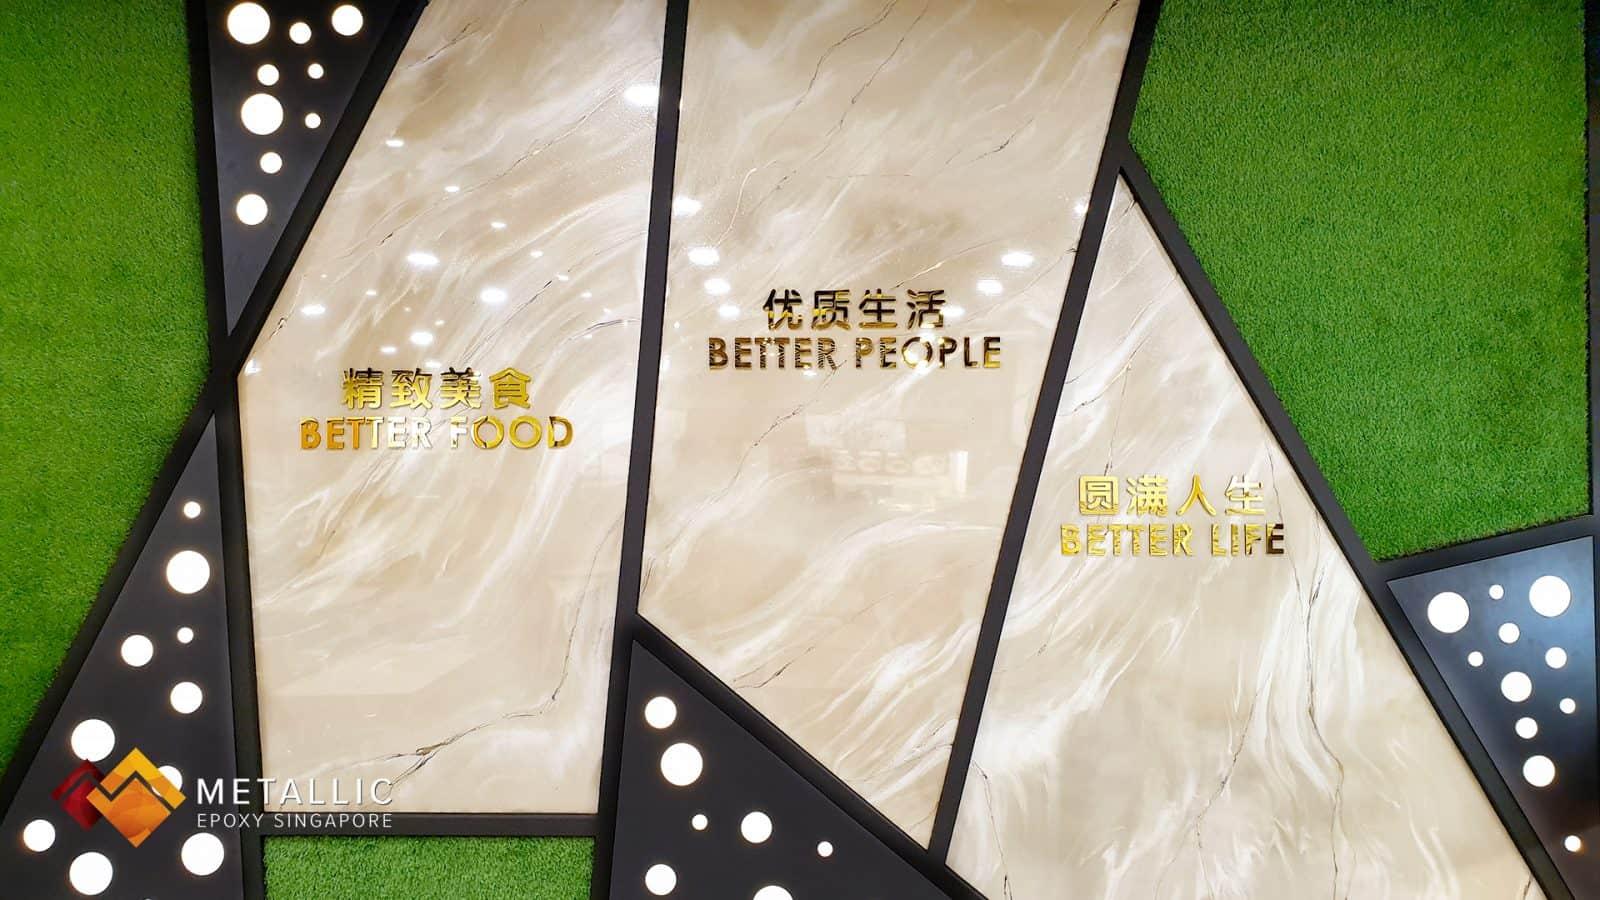 metallic epoxy singapore white gold khaki wall feature